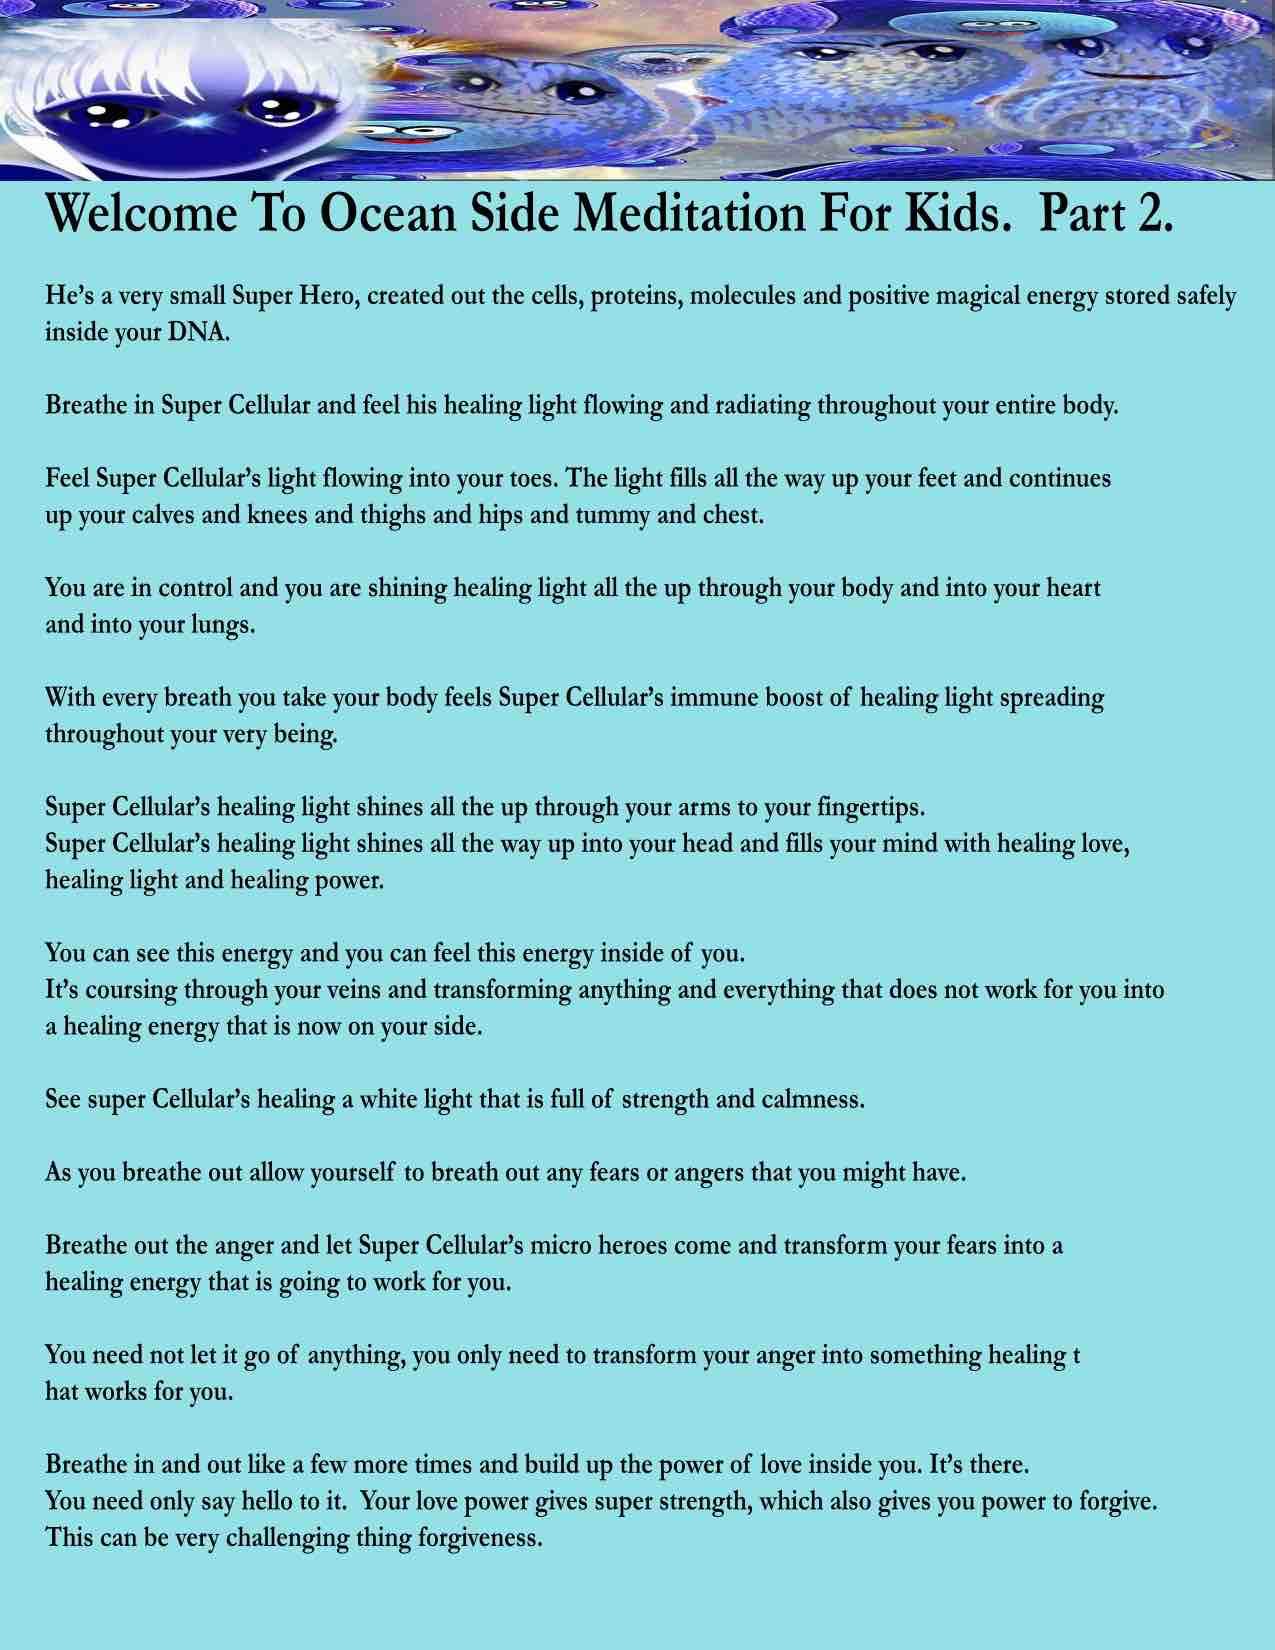 OCEAN Meditation part 2